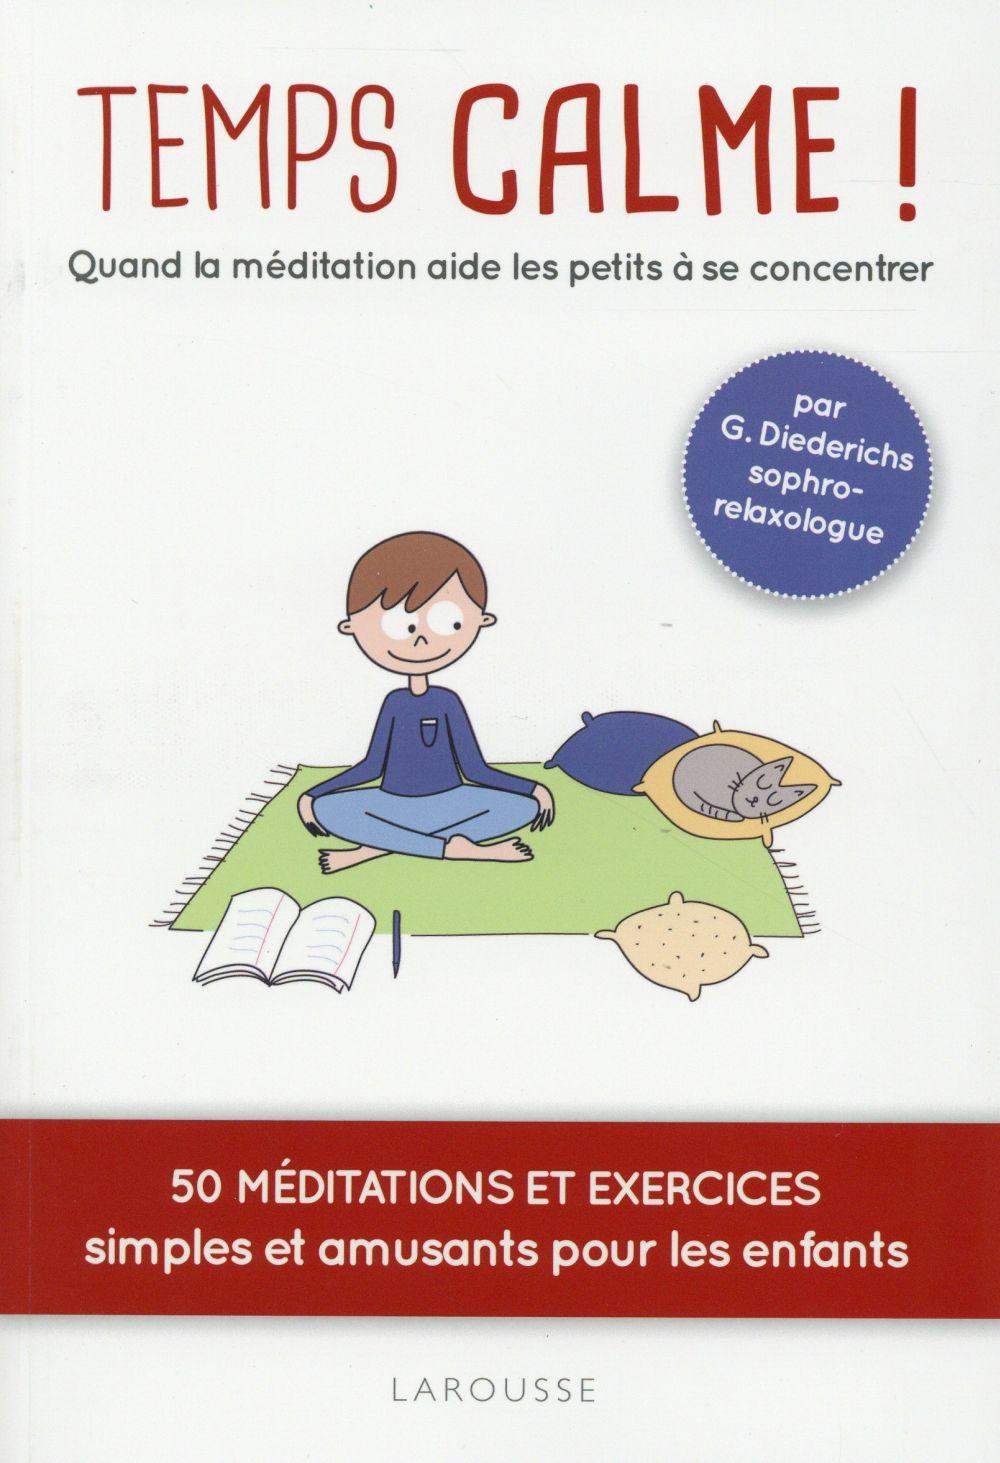 TEMPS CALME ! QUAND LA MEDITATION AIDE LES PETITS A SE CONCENTRER